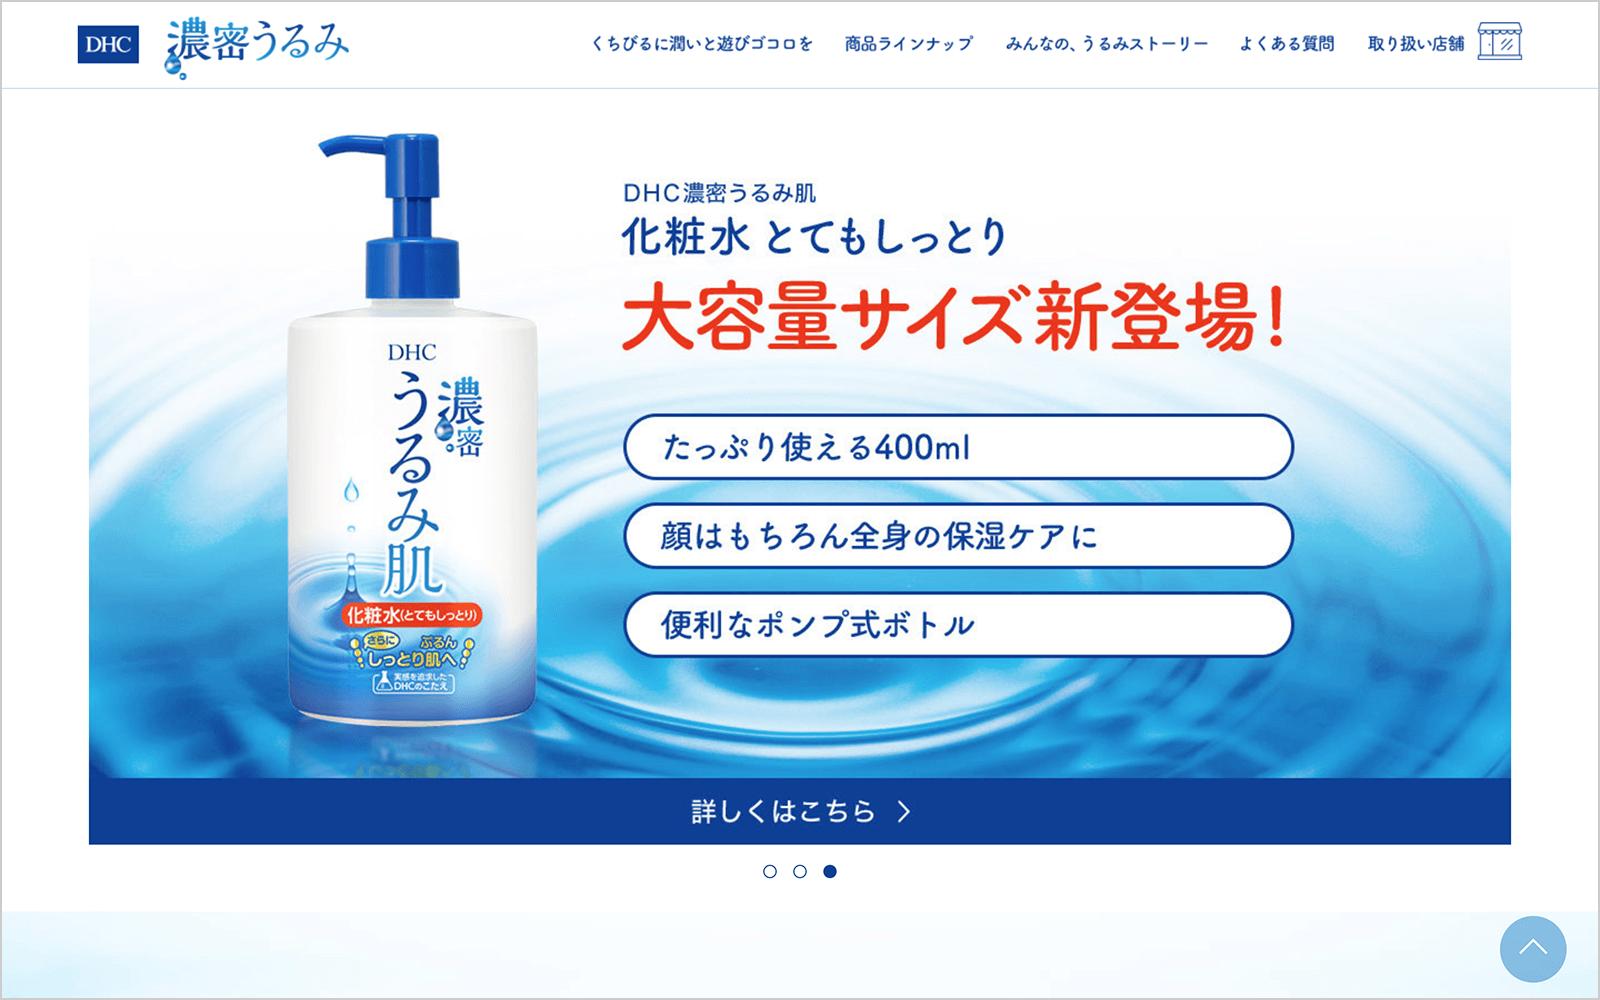 DHC「うるみ肌」WEBサイト